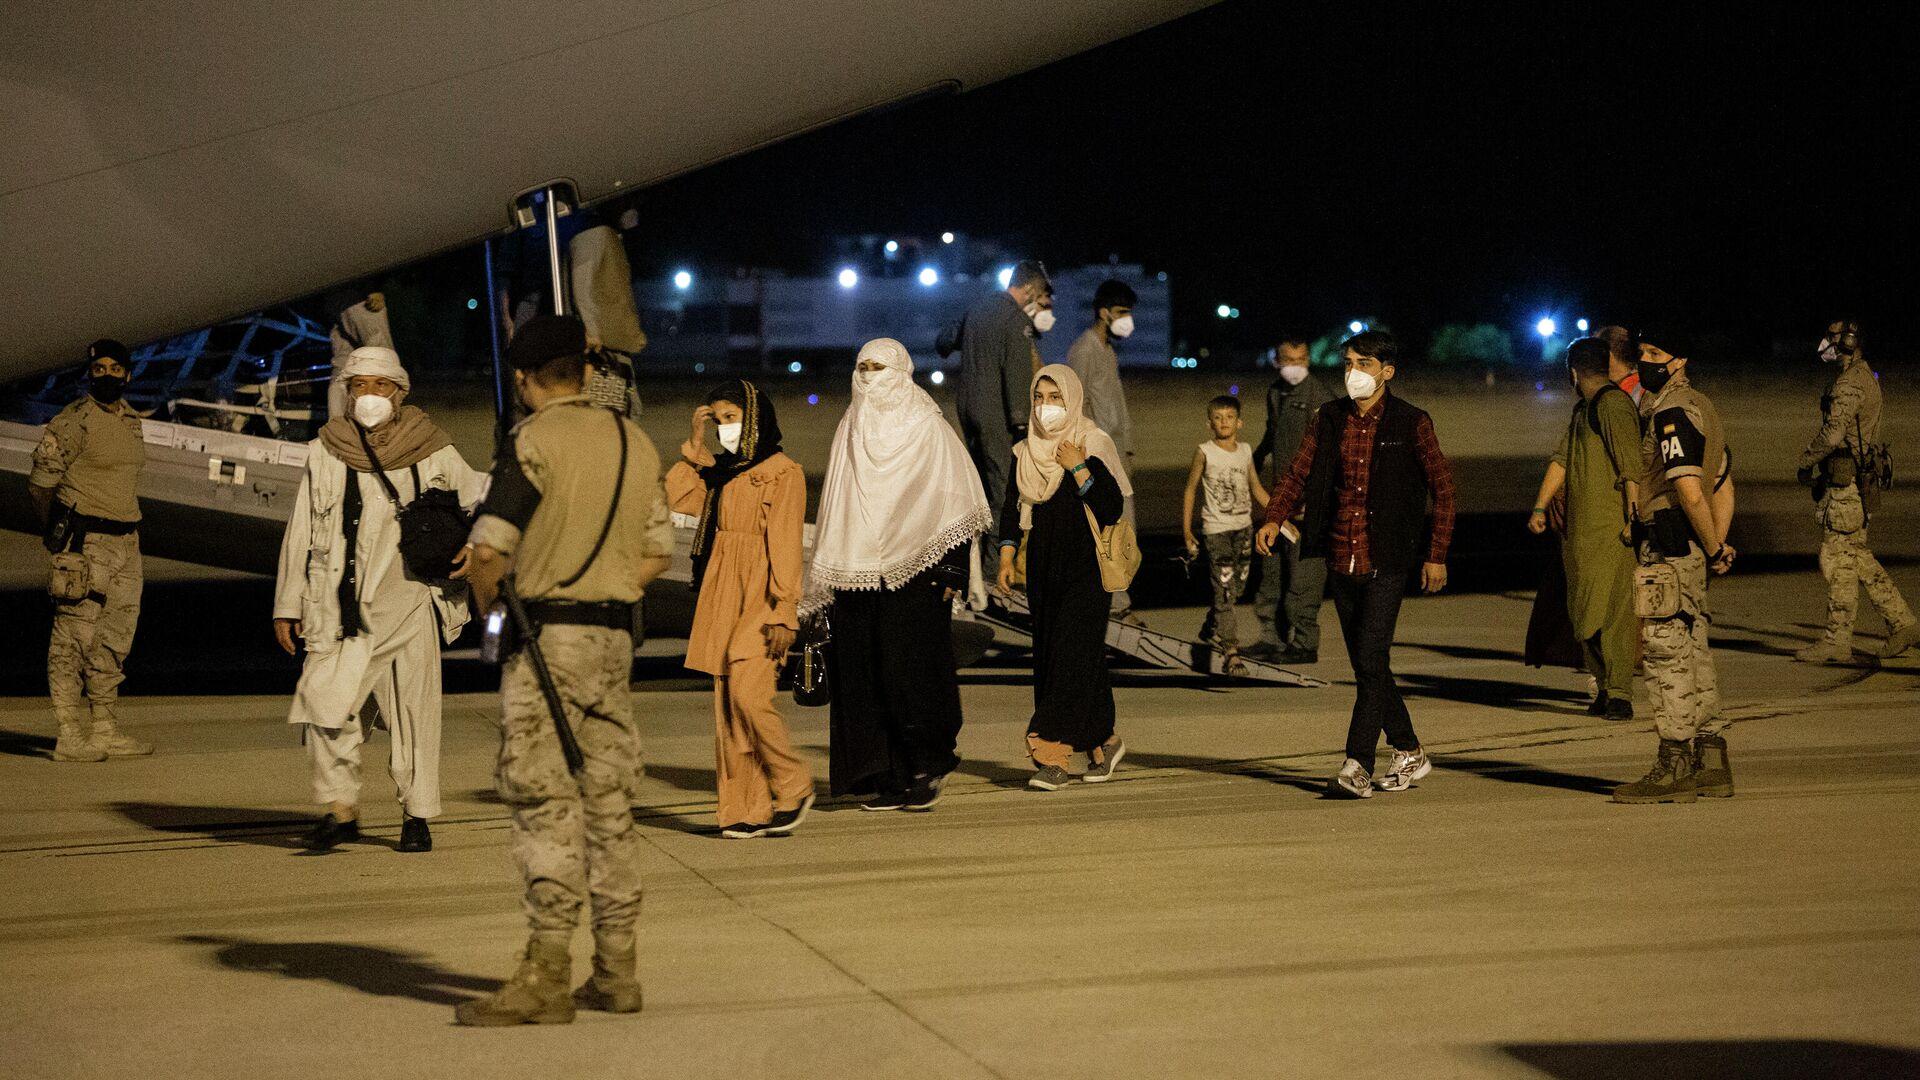 Varias personas repatriadas llegan a la pista tras bajarse del avión A400M en el que ha sido evacuados de Kabul, a 19 de agosto de 2021, en Torrejón de Ardoz, Madrid - Sputnik Mundo, 1920, 23.08.2021